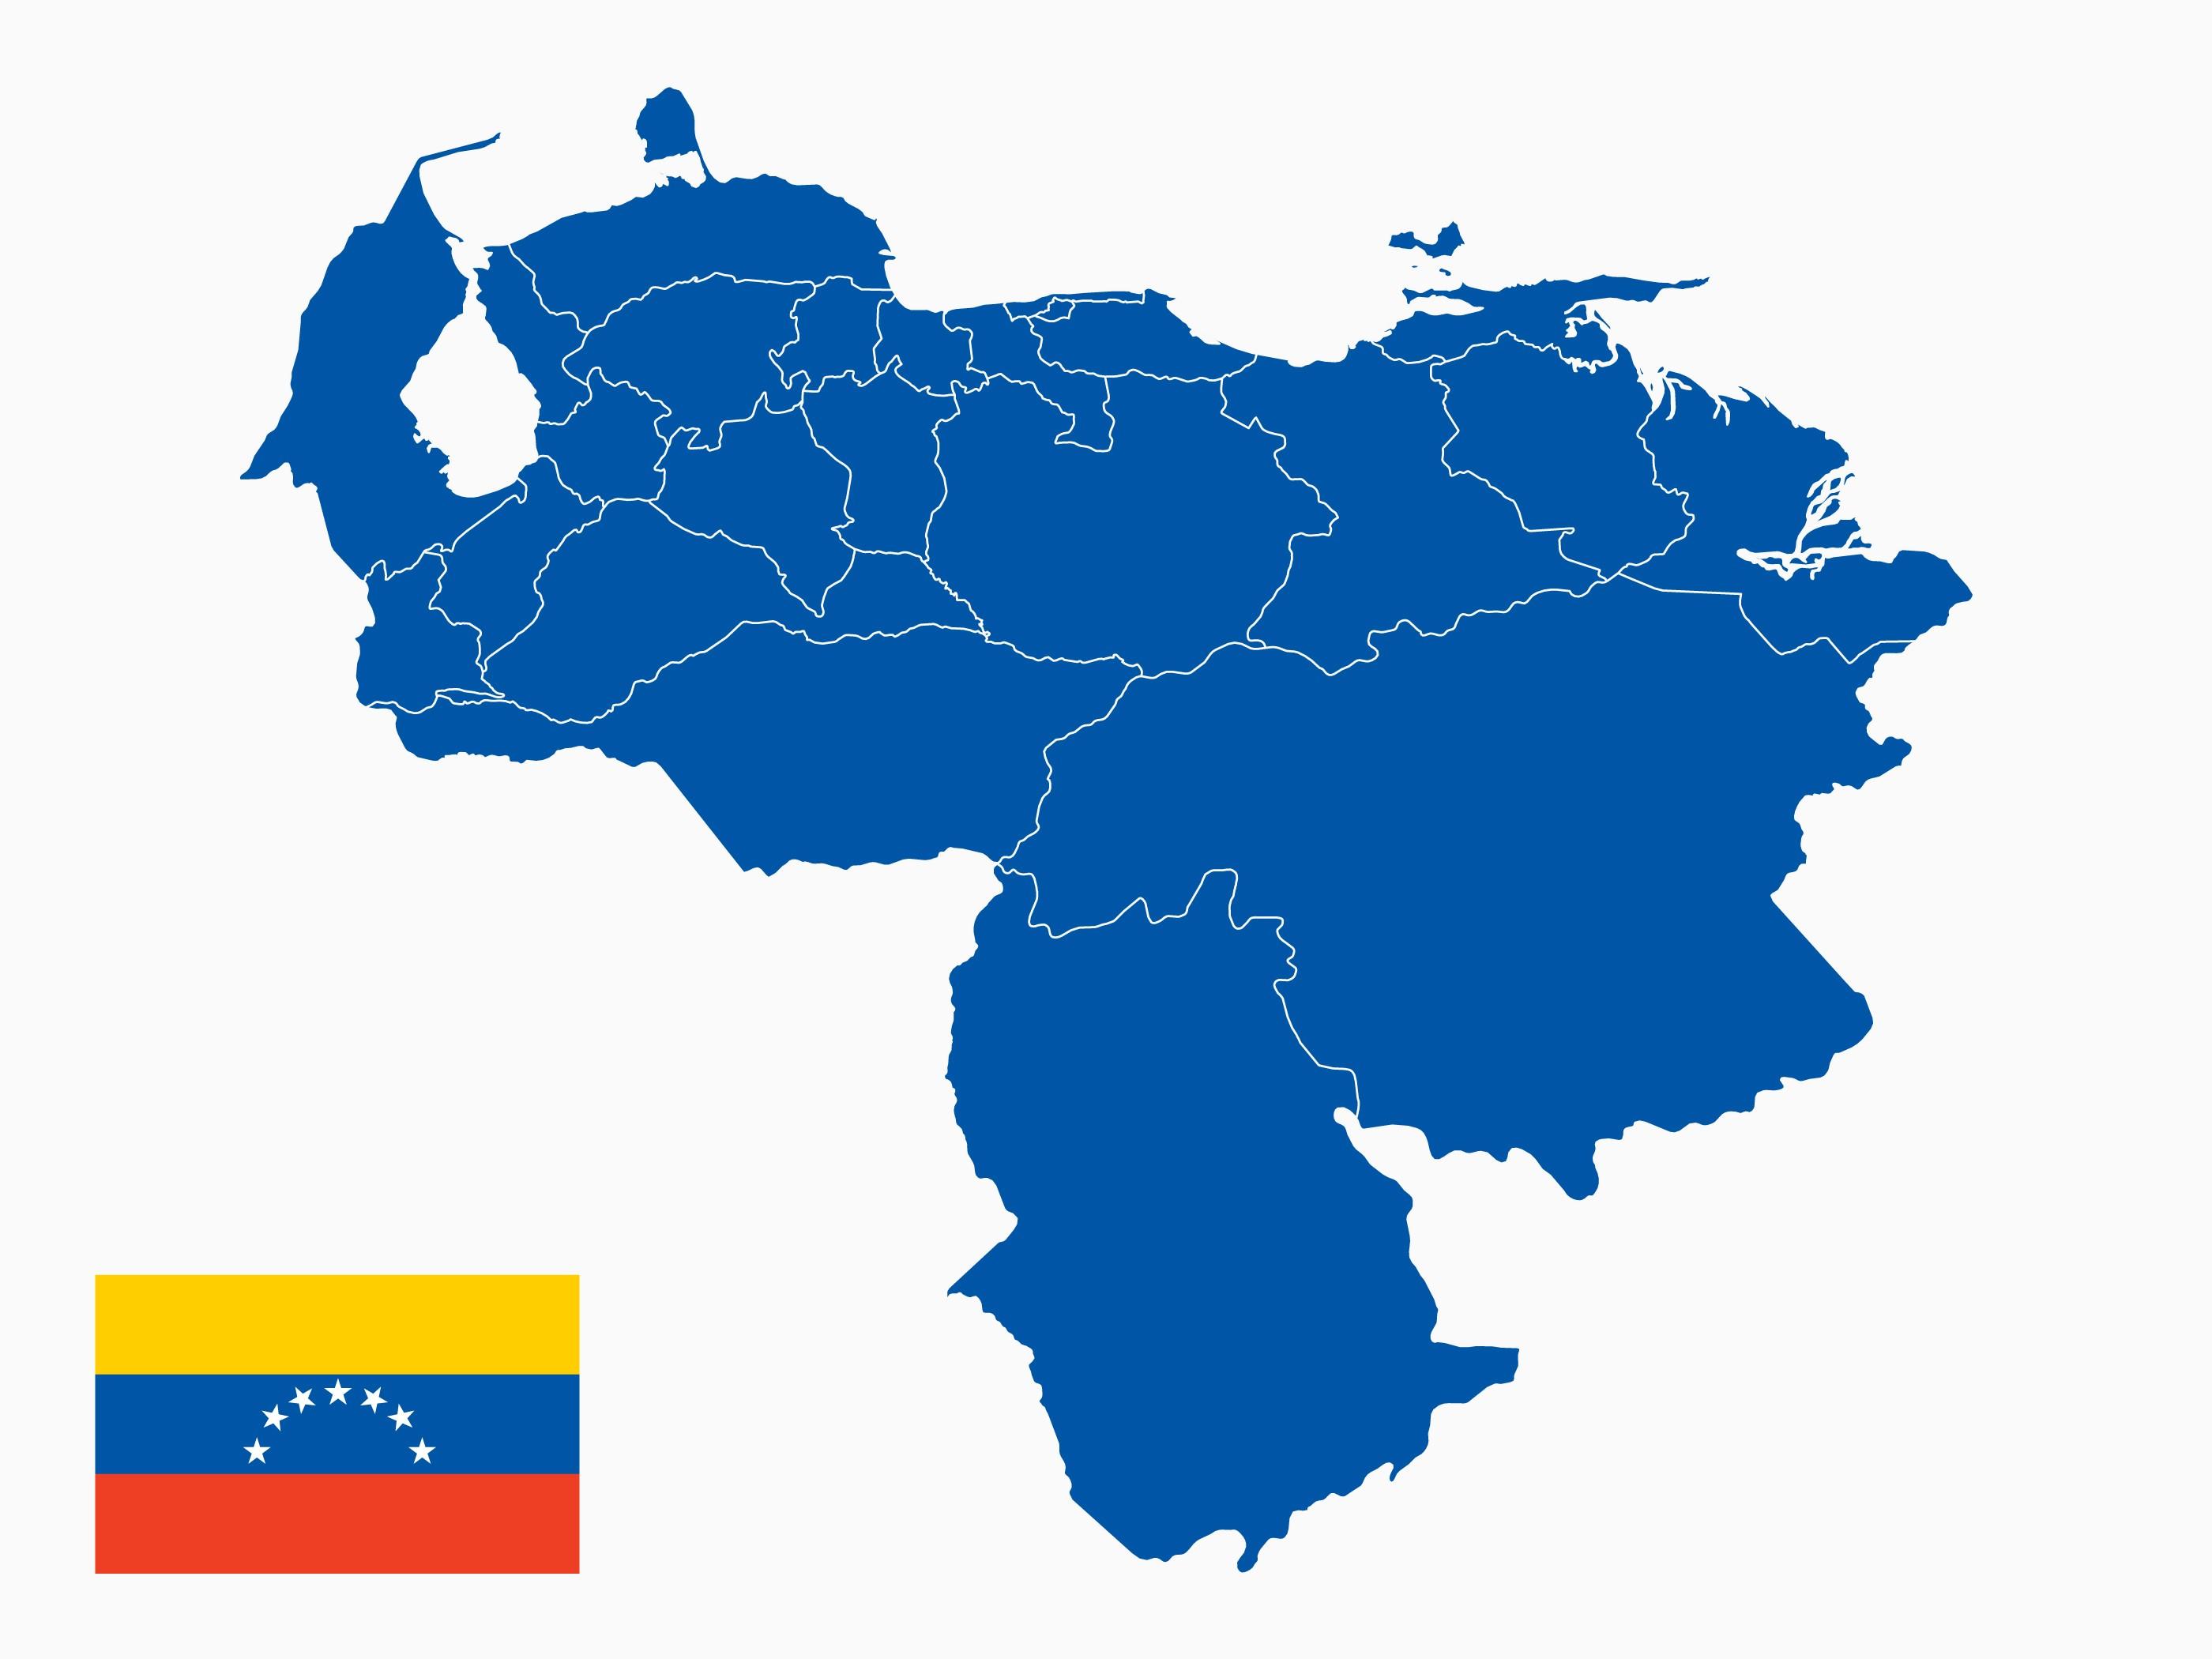 Imprimir Calendario 2017 Colombia Más Arriba-a-fecha Descargar Cartografia De Colombia Gratis Of Imprimir Calendario 2017 Colombia Mejores Y Más Novedosos Inicio